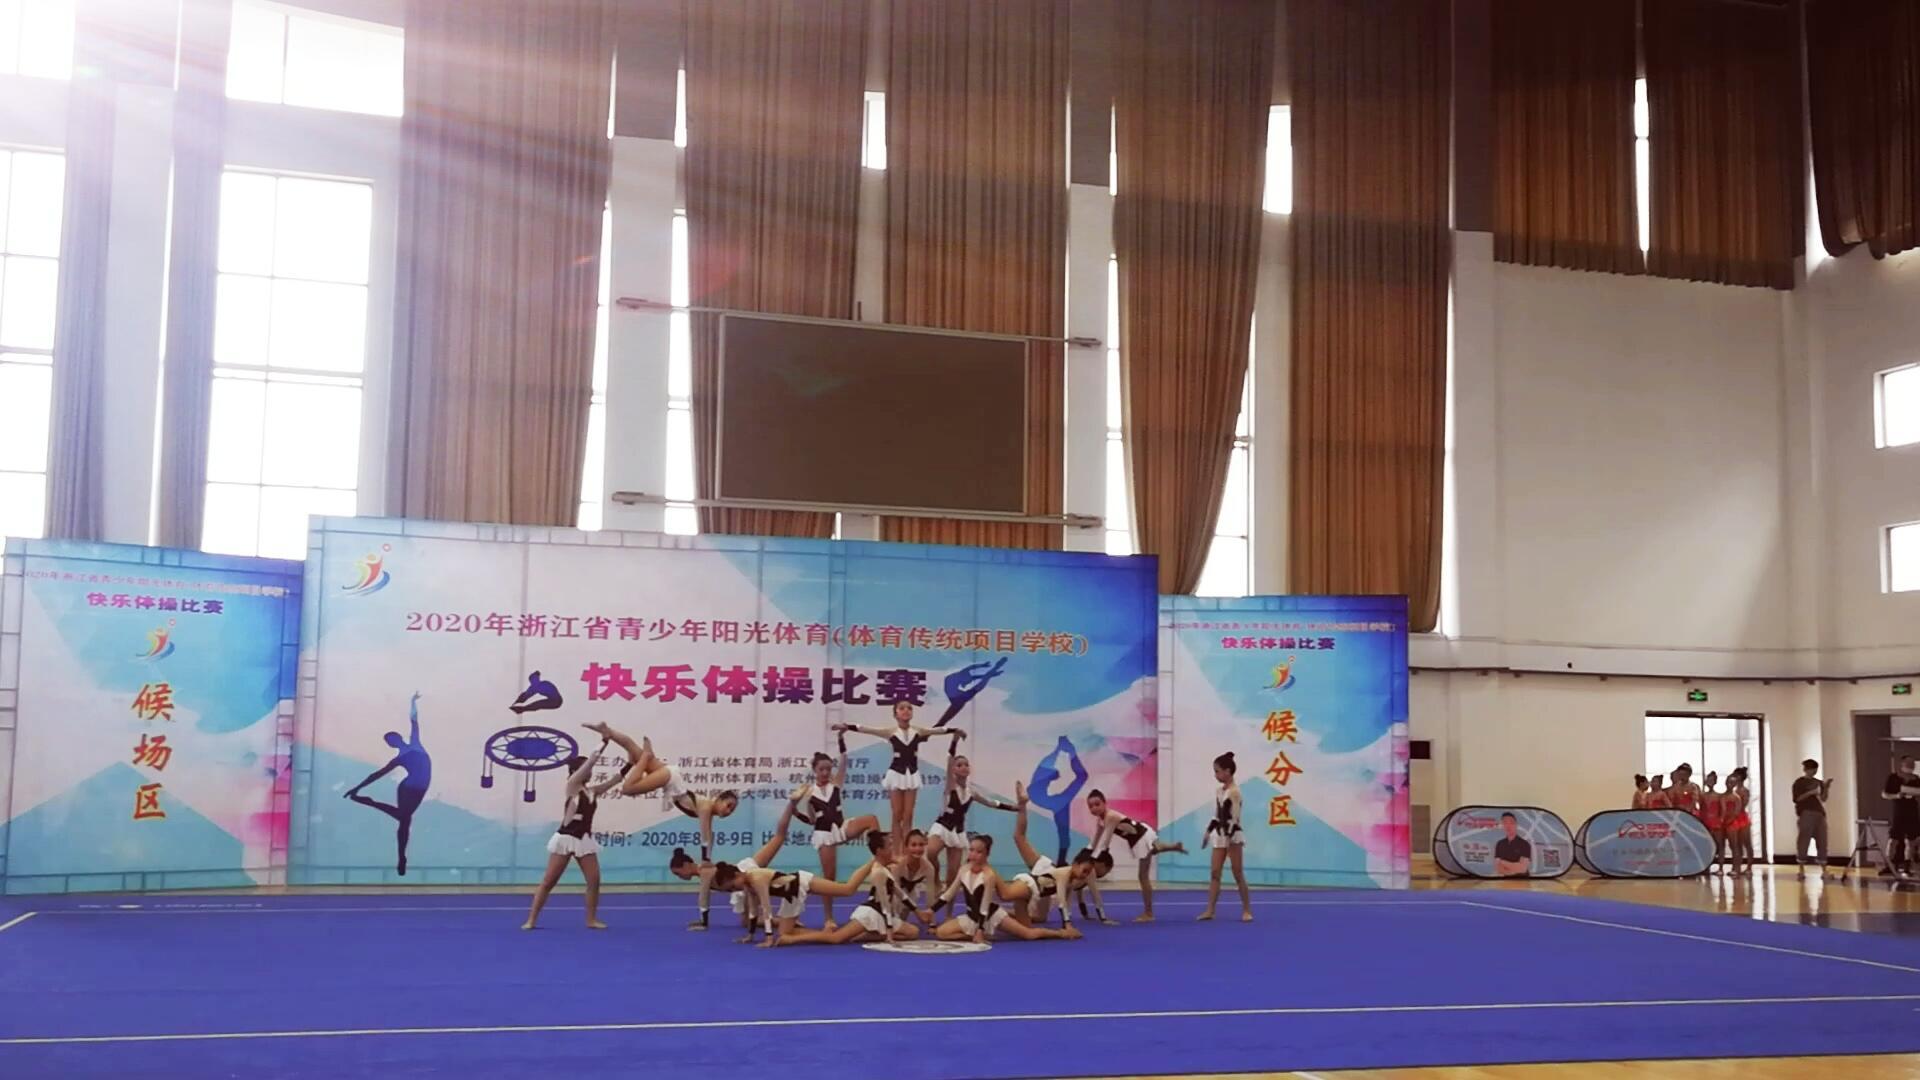 2020年浙江省青少年阳光体育(体育传统项目学校)快乐体操比赛圆满落幕